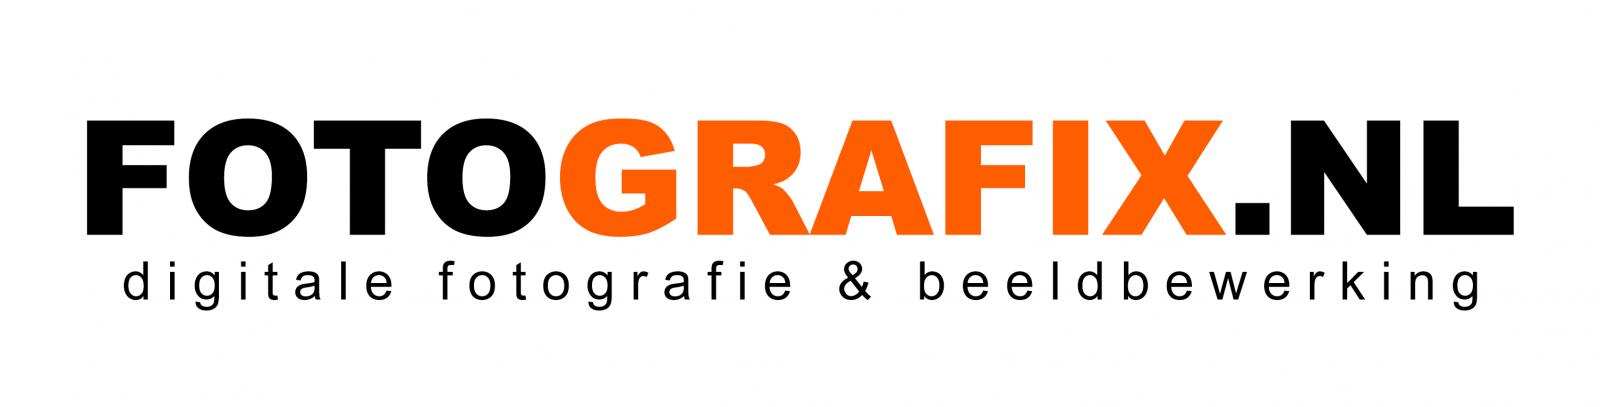 FOTOGRAFIX.NL logo